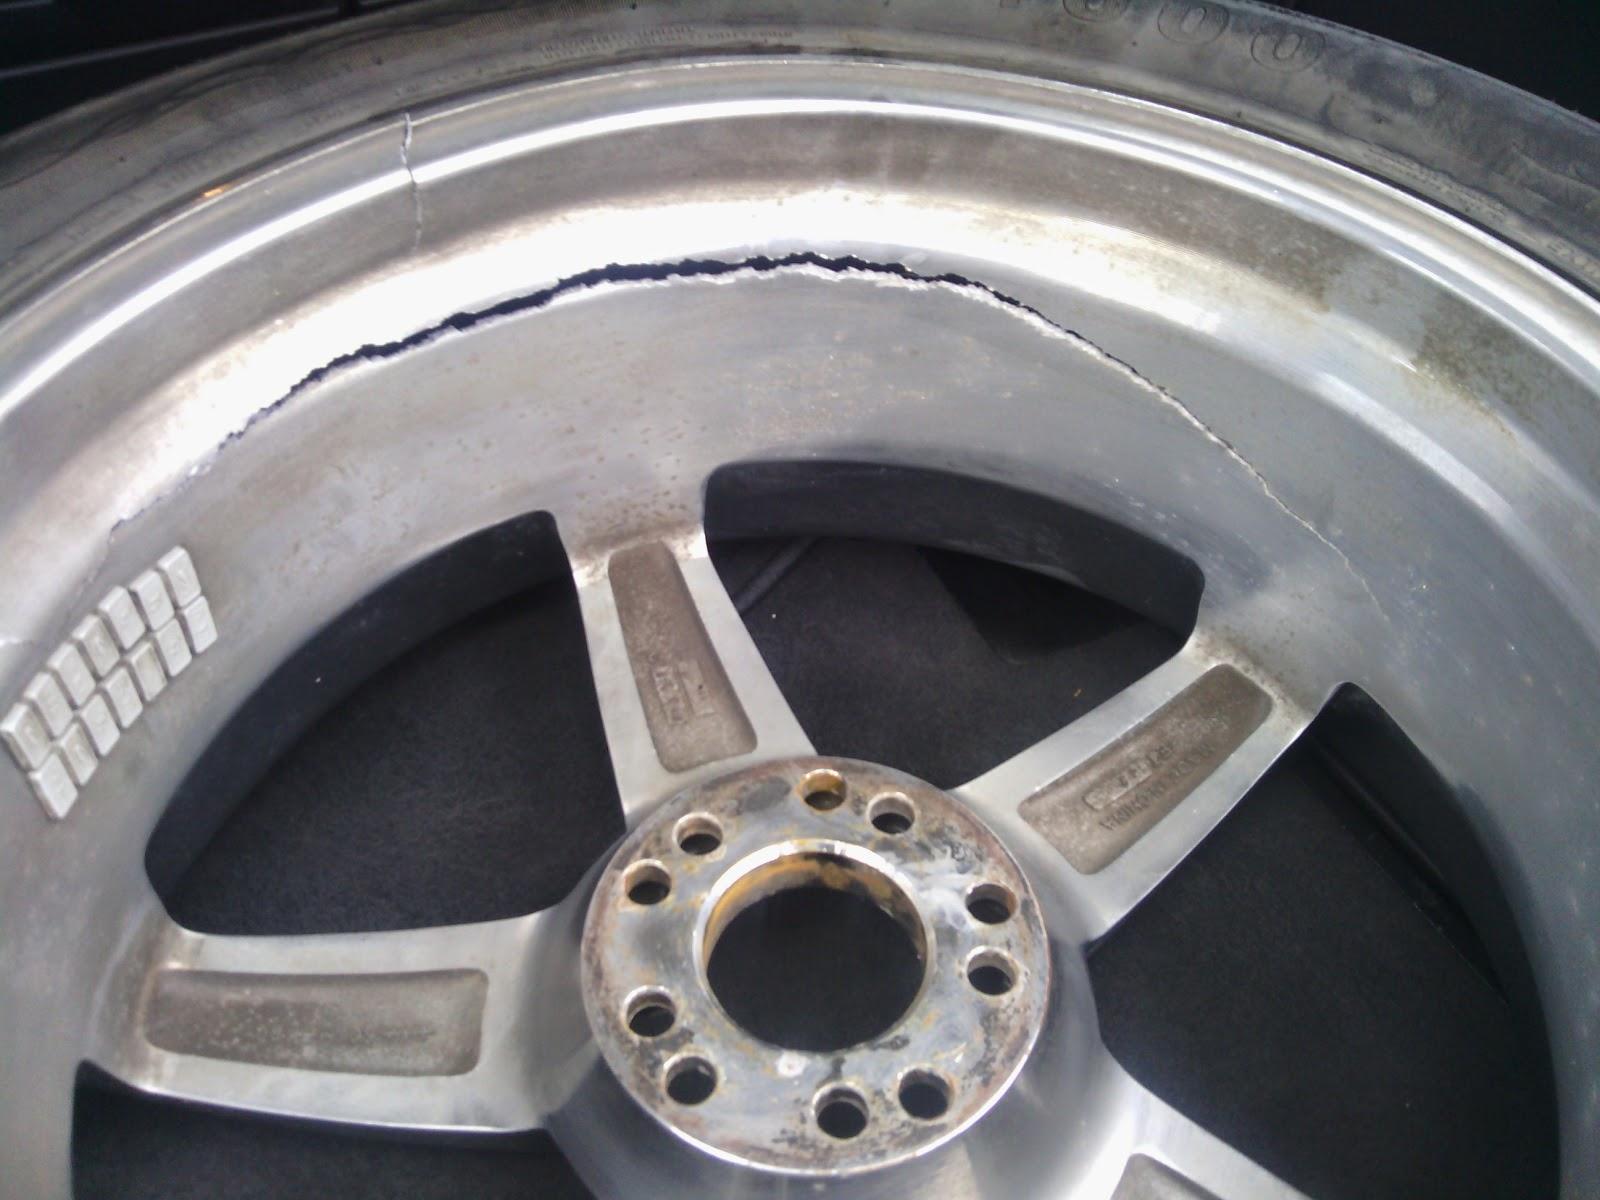 curb rash repair and windshield repair Houston Area and surroundings